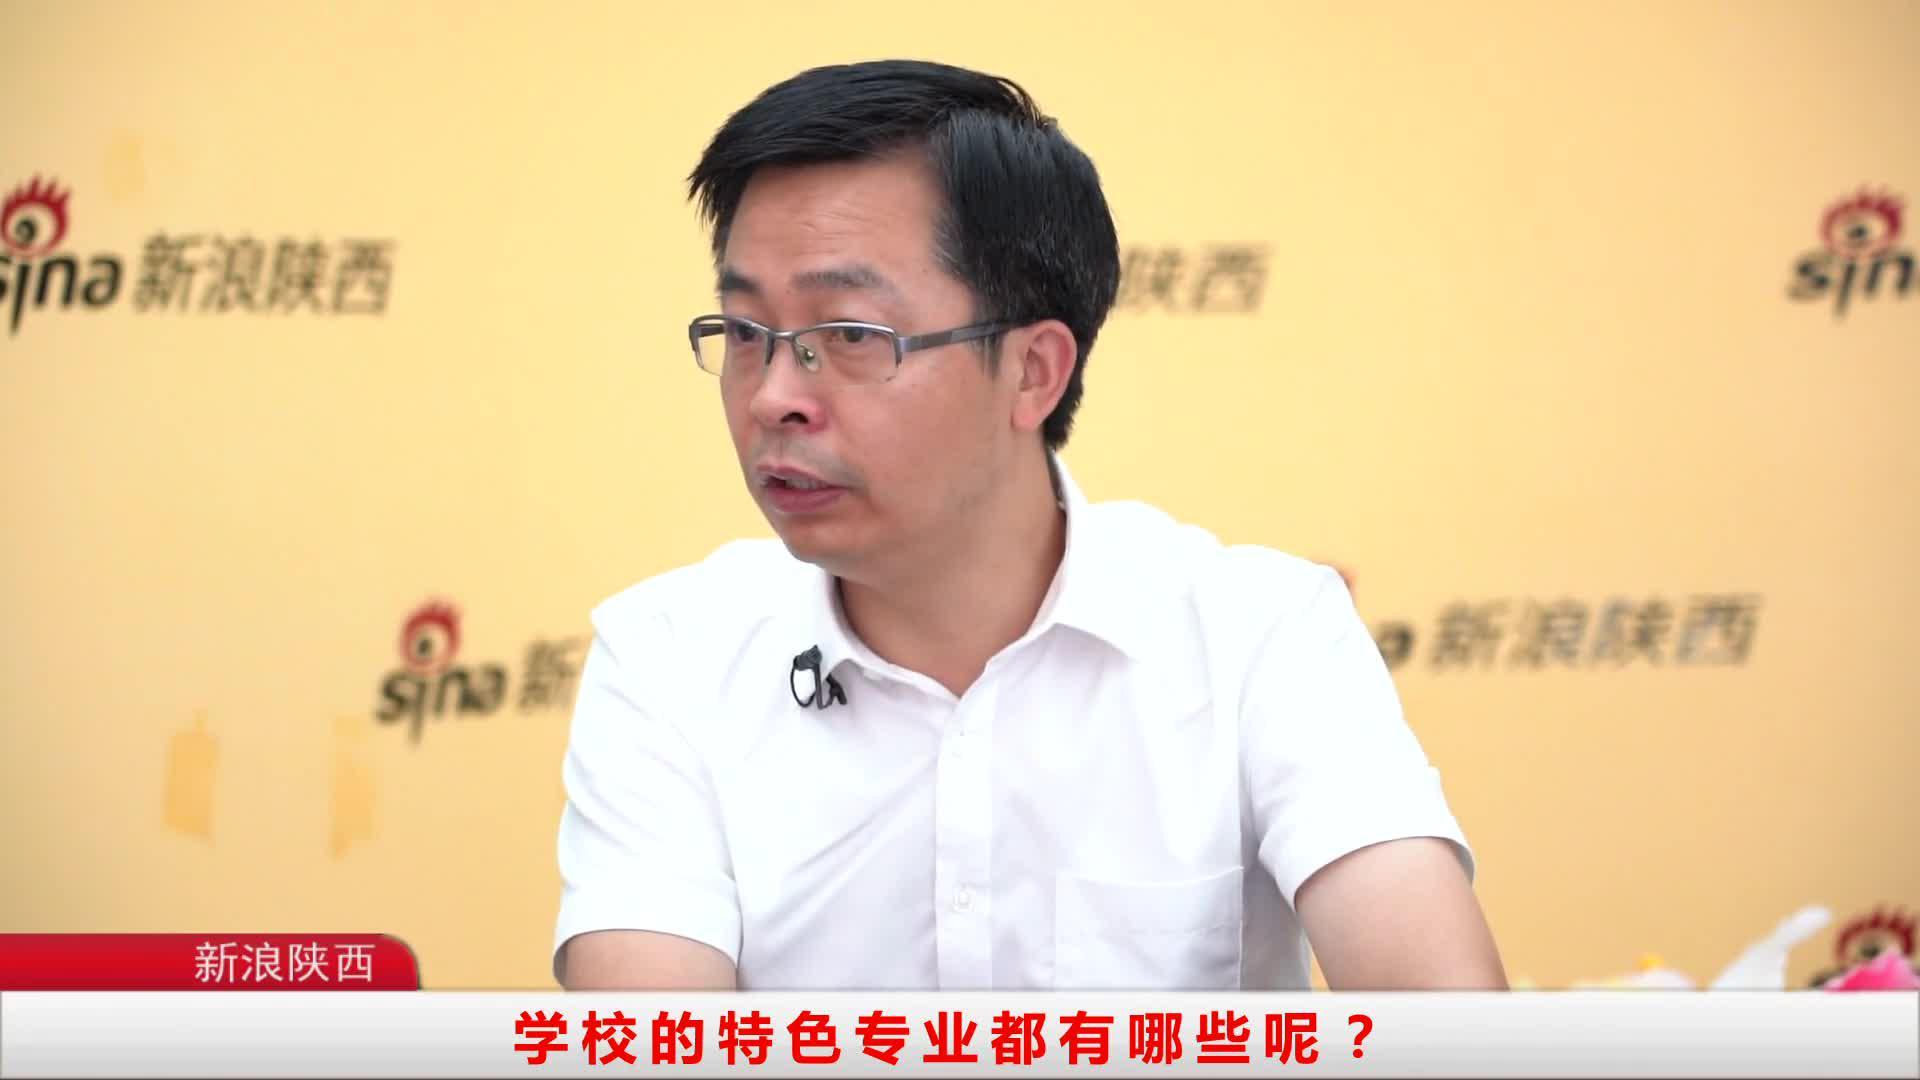 新浪陕西专访西安航空职业技术学院招生就业处处长王波